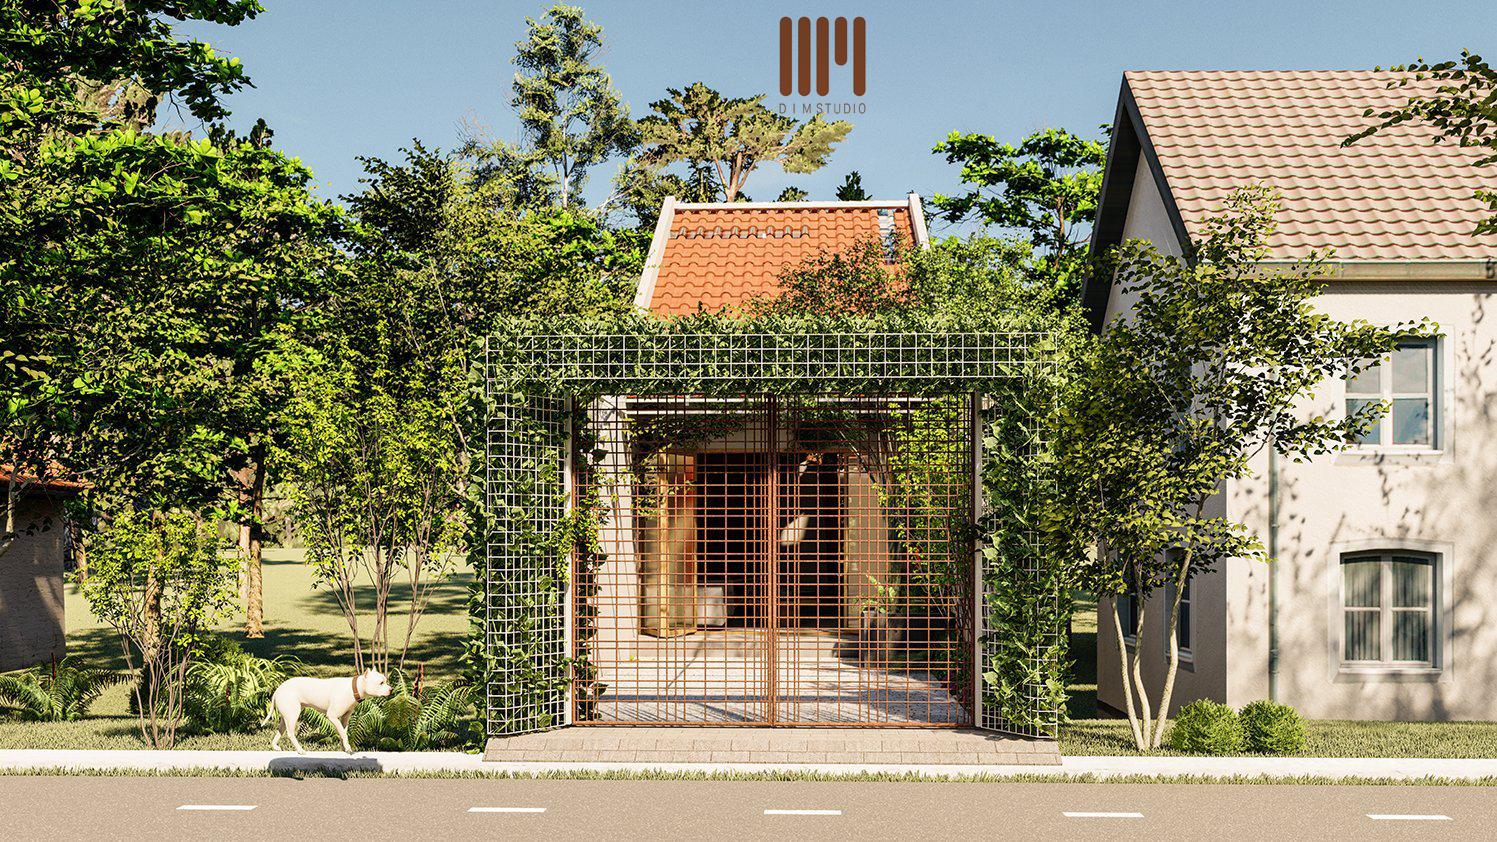 Nhà cấp 4 nhỏ xinh ở Lâm Đồng có phòng thờ 'độc nhất, vô nhị'